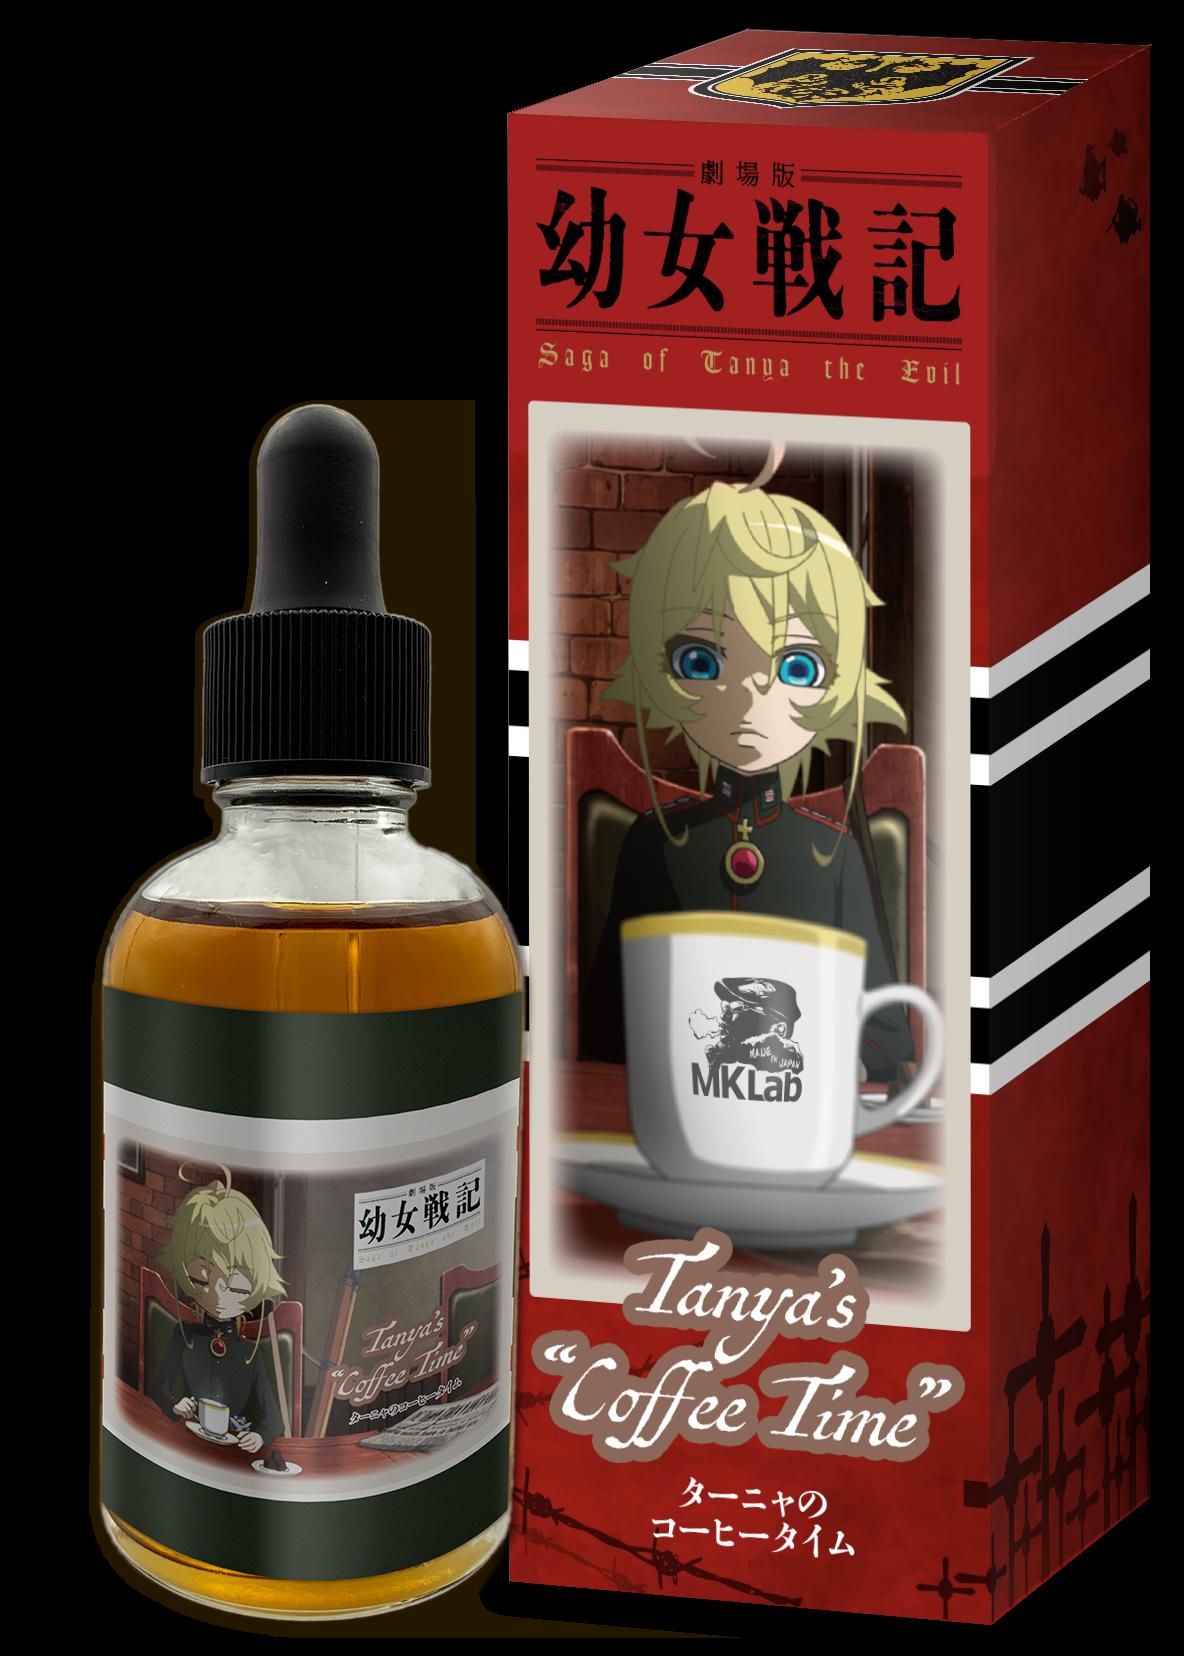 劇場版「幼女戦記」ターニャのコーヒータイム コーヒー&チョコレート風味 パッケージ写真